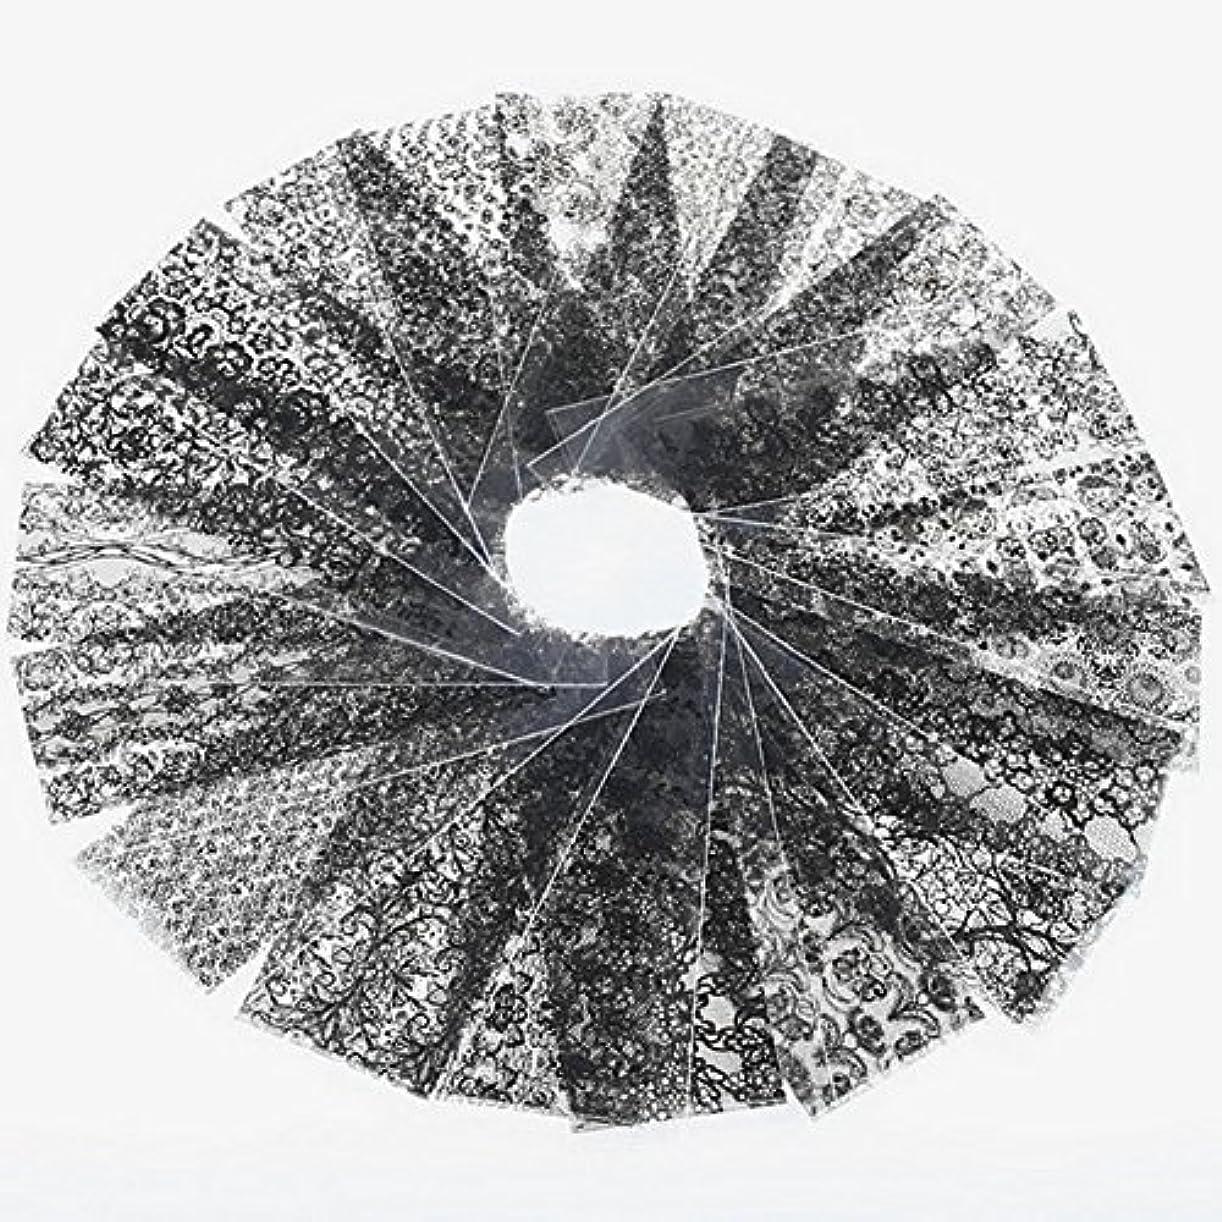 醸造所変形する昆虫Demiawaking ネイルシール ステッカー 可愛いレースシリーズ ネイル装飾 ネイルアートデコレーション DIY 飾り 20枚